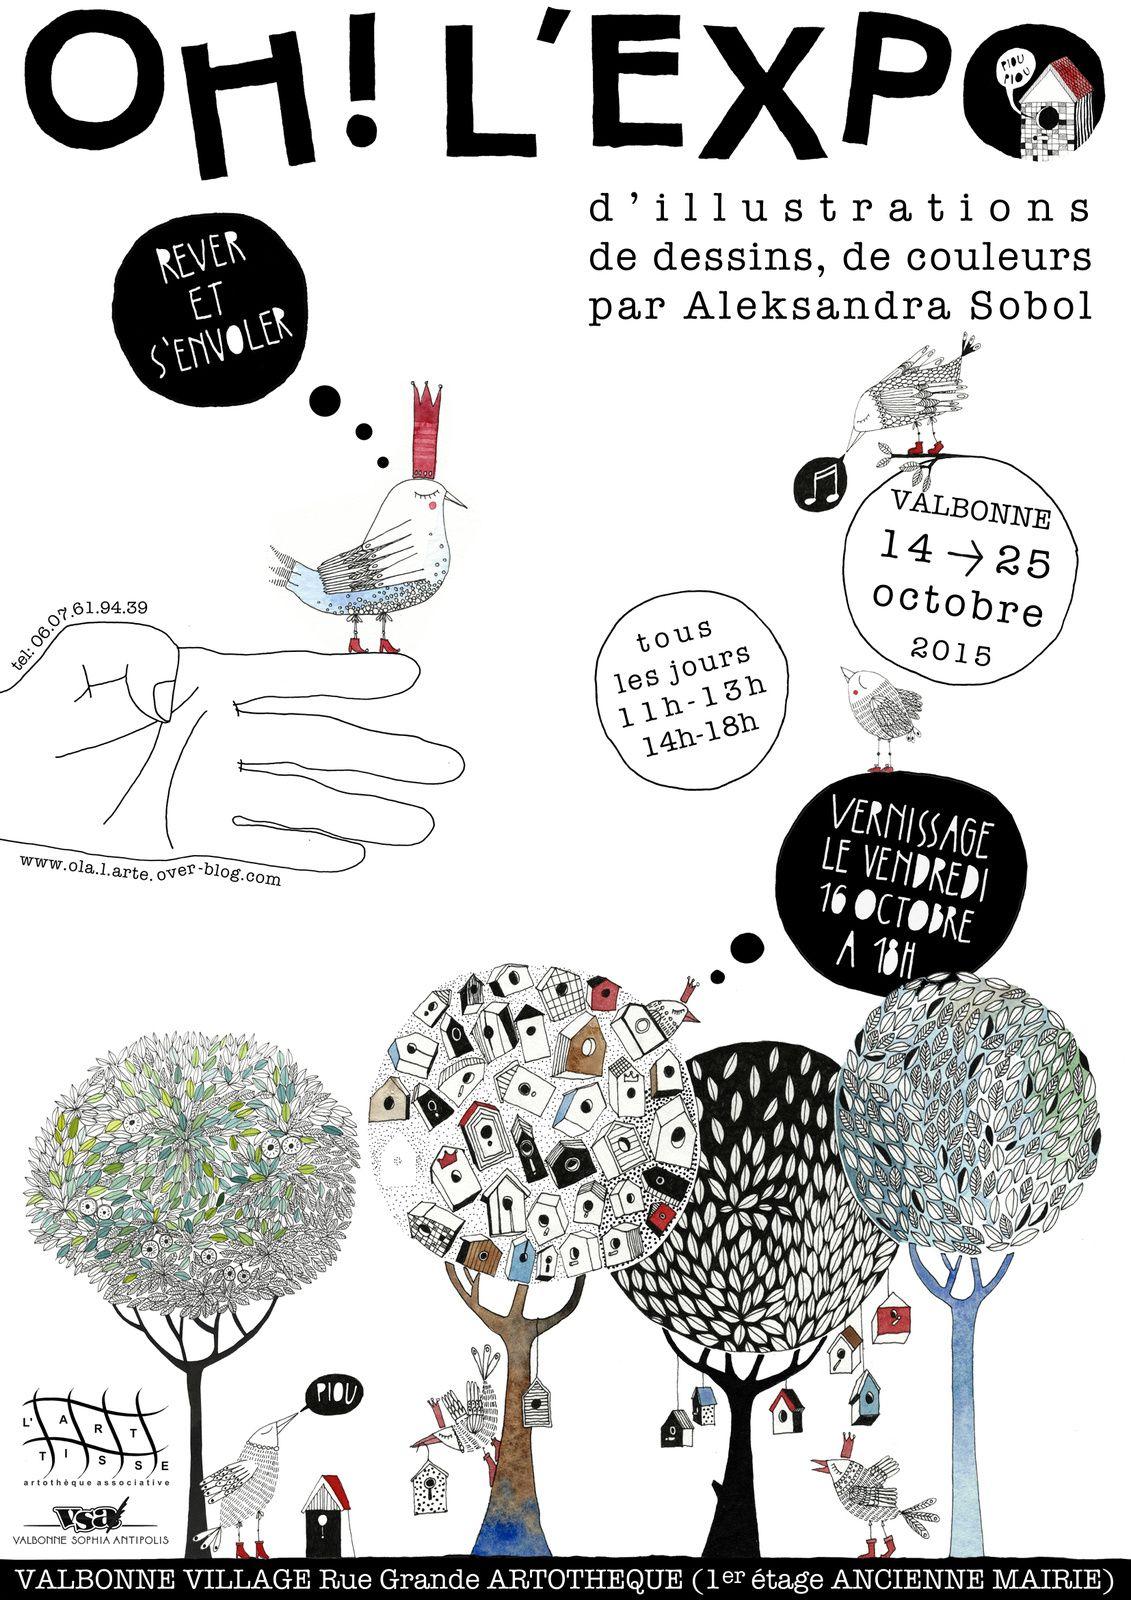 Oh, l'expo! Valbonne du 14 au 25 octobre 2015